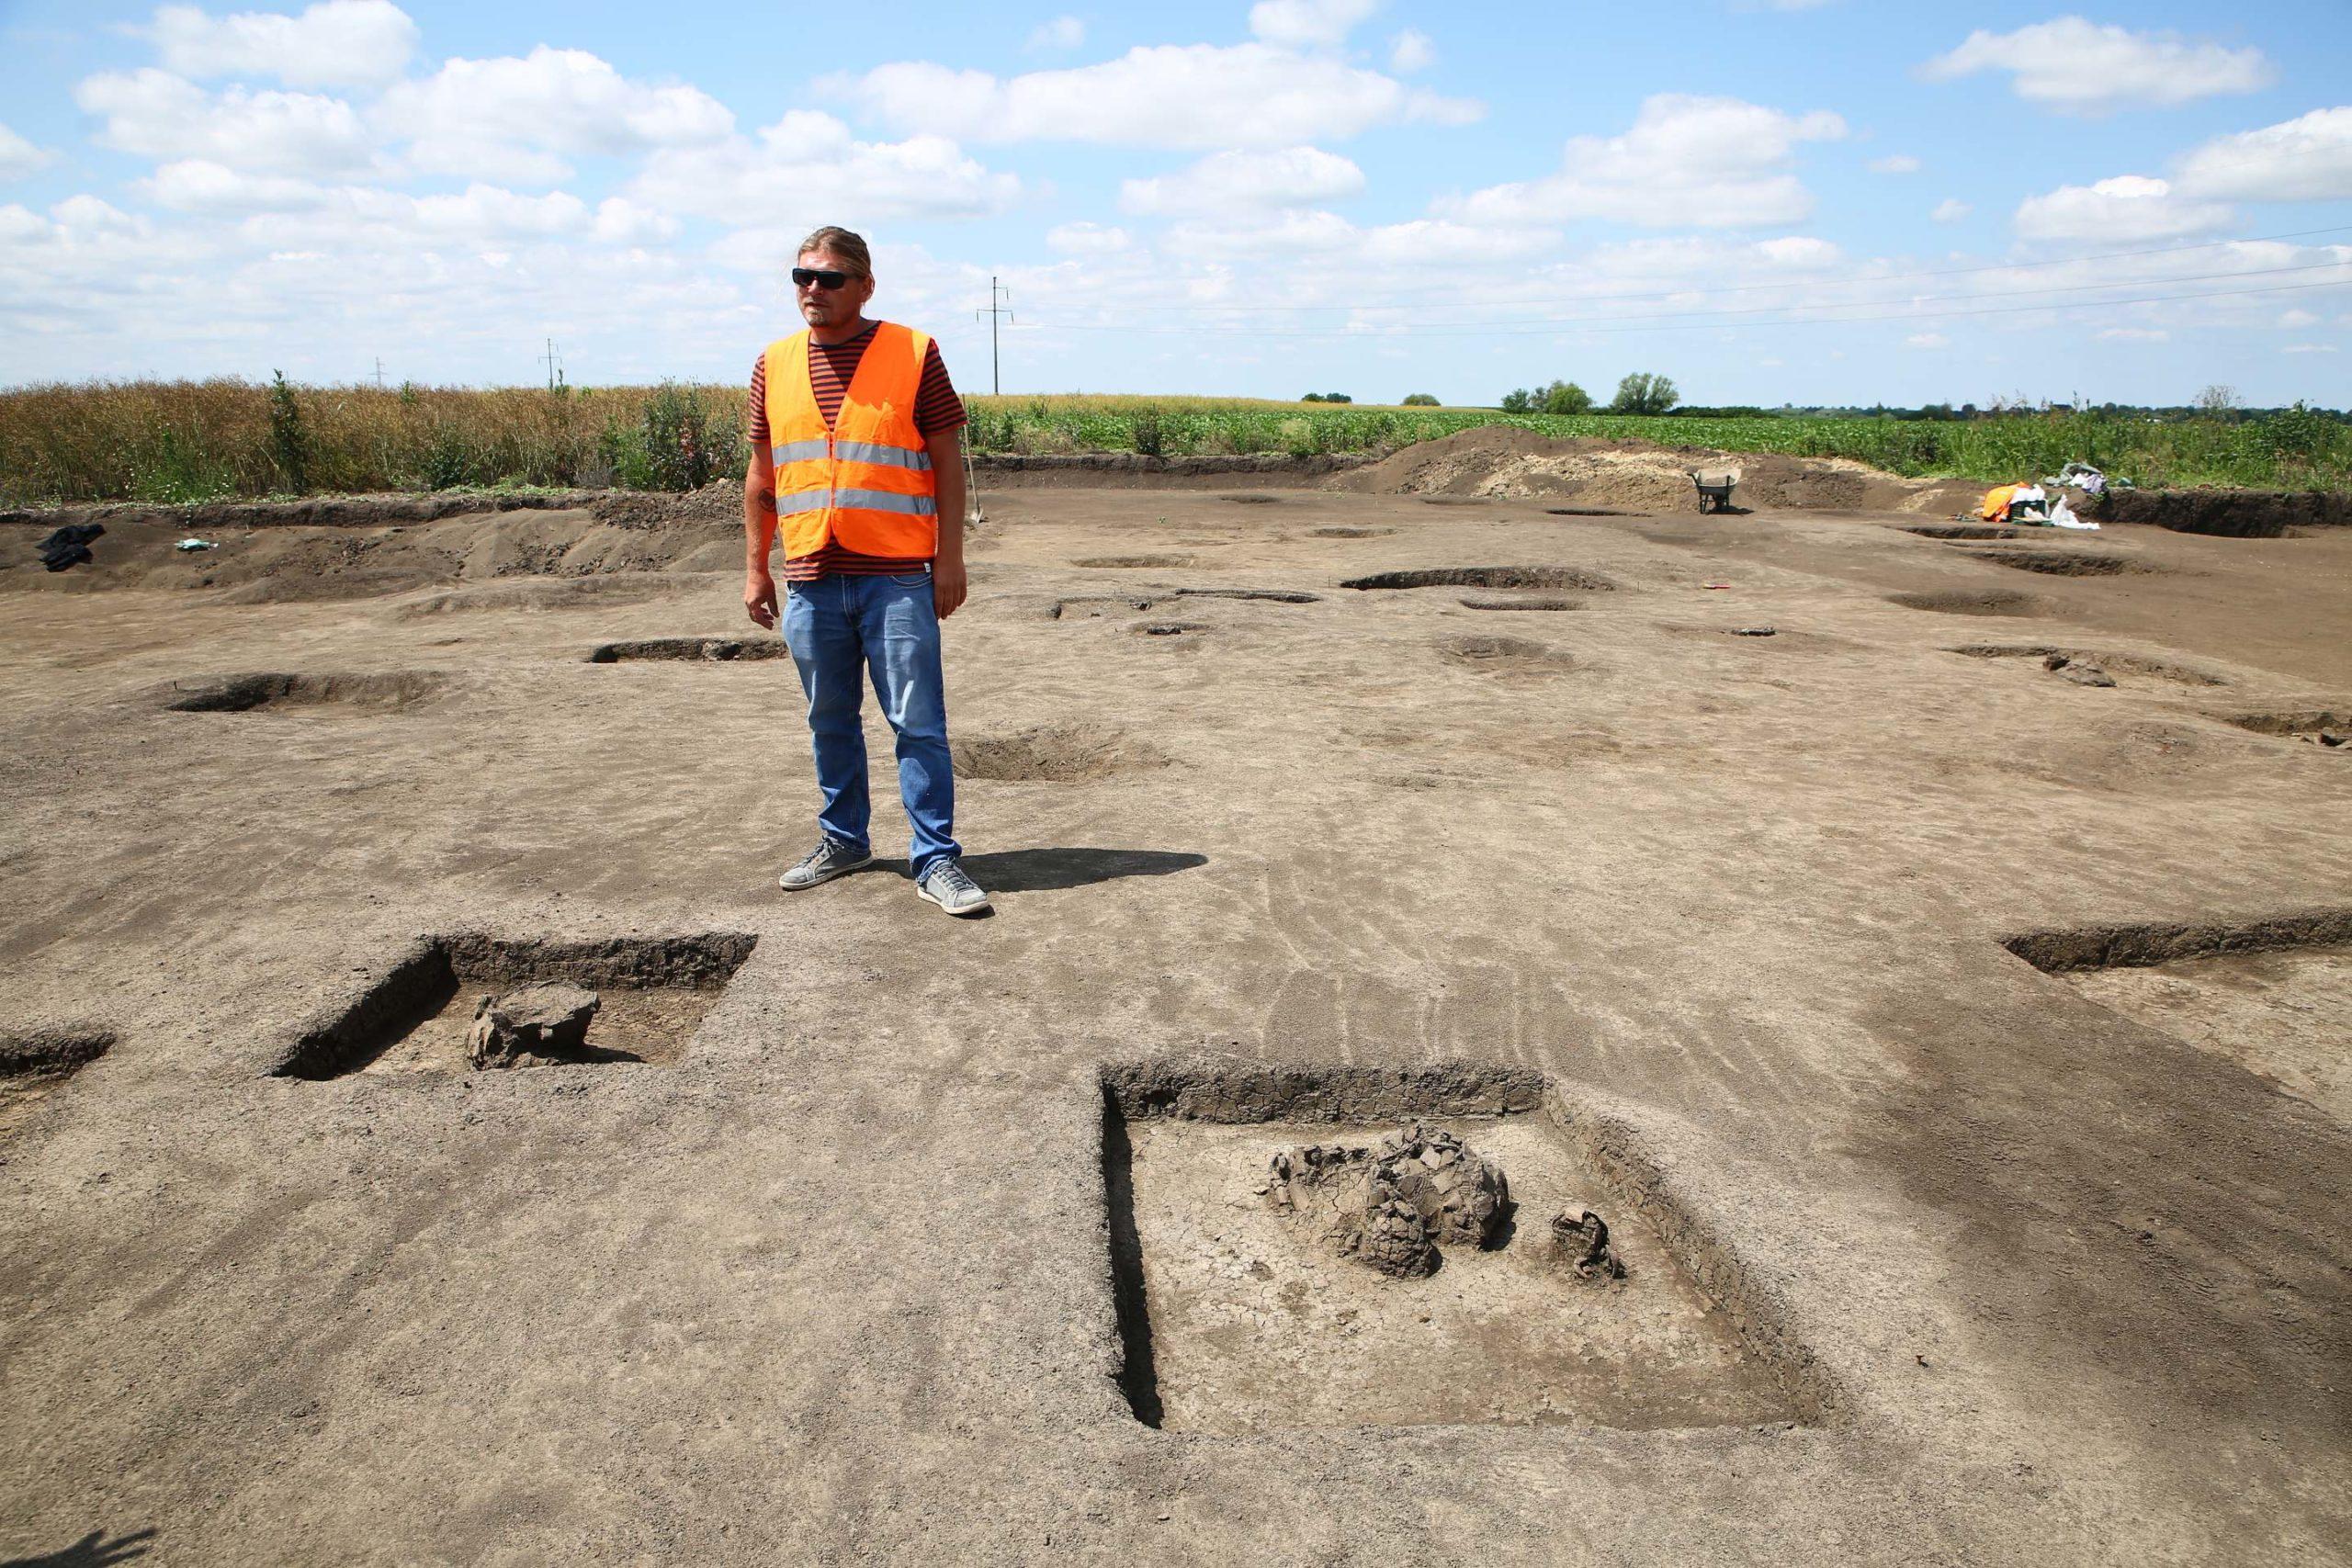 Descoperirile arheologilor de pe viitoarea centură de Sud a Timișoarei: fortificații, obiecte din os, morminte, vârfuri de săgeți